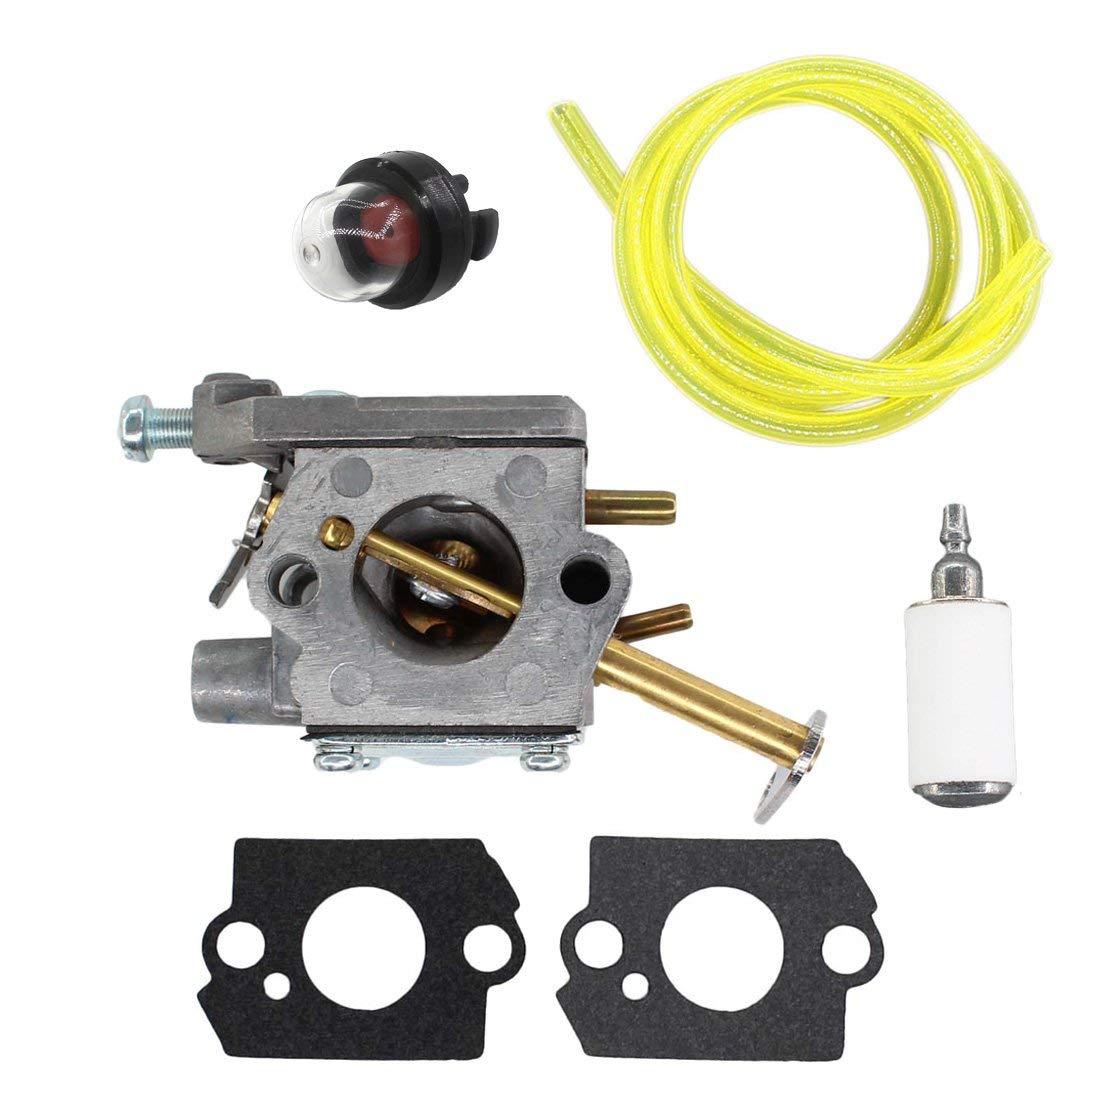 USPEEDA Carburetor for RY74003D 000998271 UT-10532 UT-10781 UT-10926 UT10514 UT-10847 UT-10901 UT-10933 UT-10853 UT-10883 UT-10870 A09159 300981002 Zama C1Q-H42 C1Q-601 Fuel Line Primer Bulb